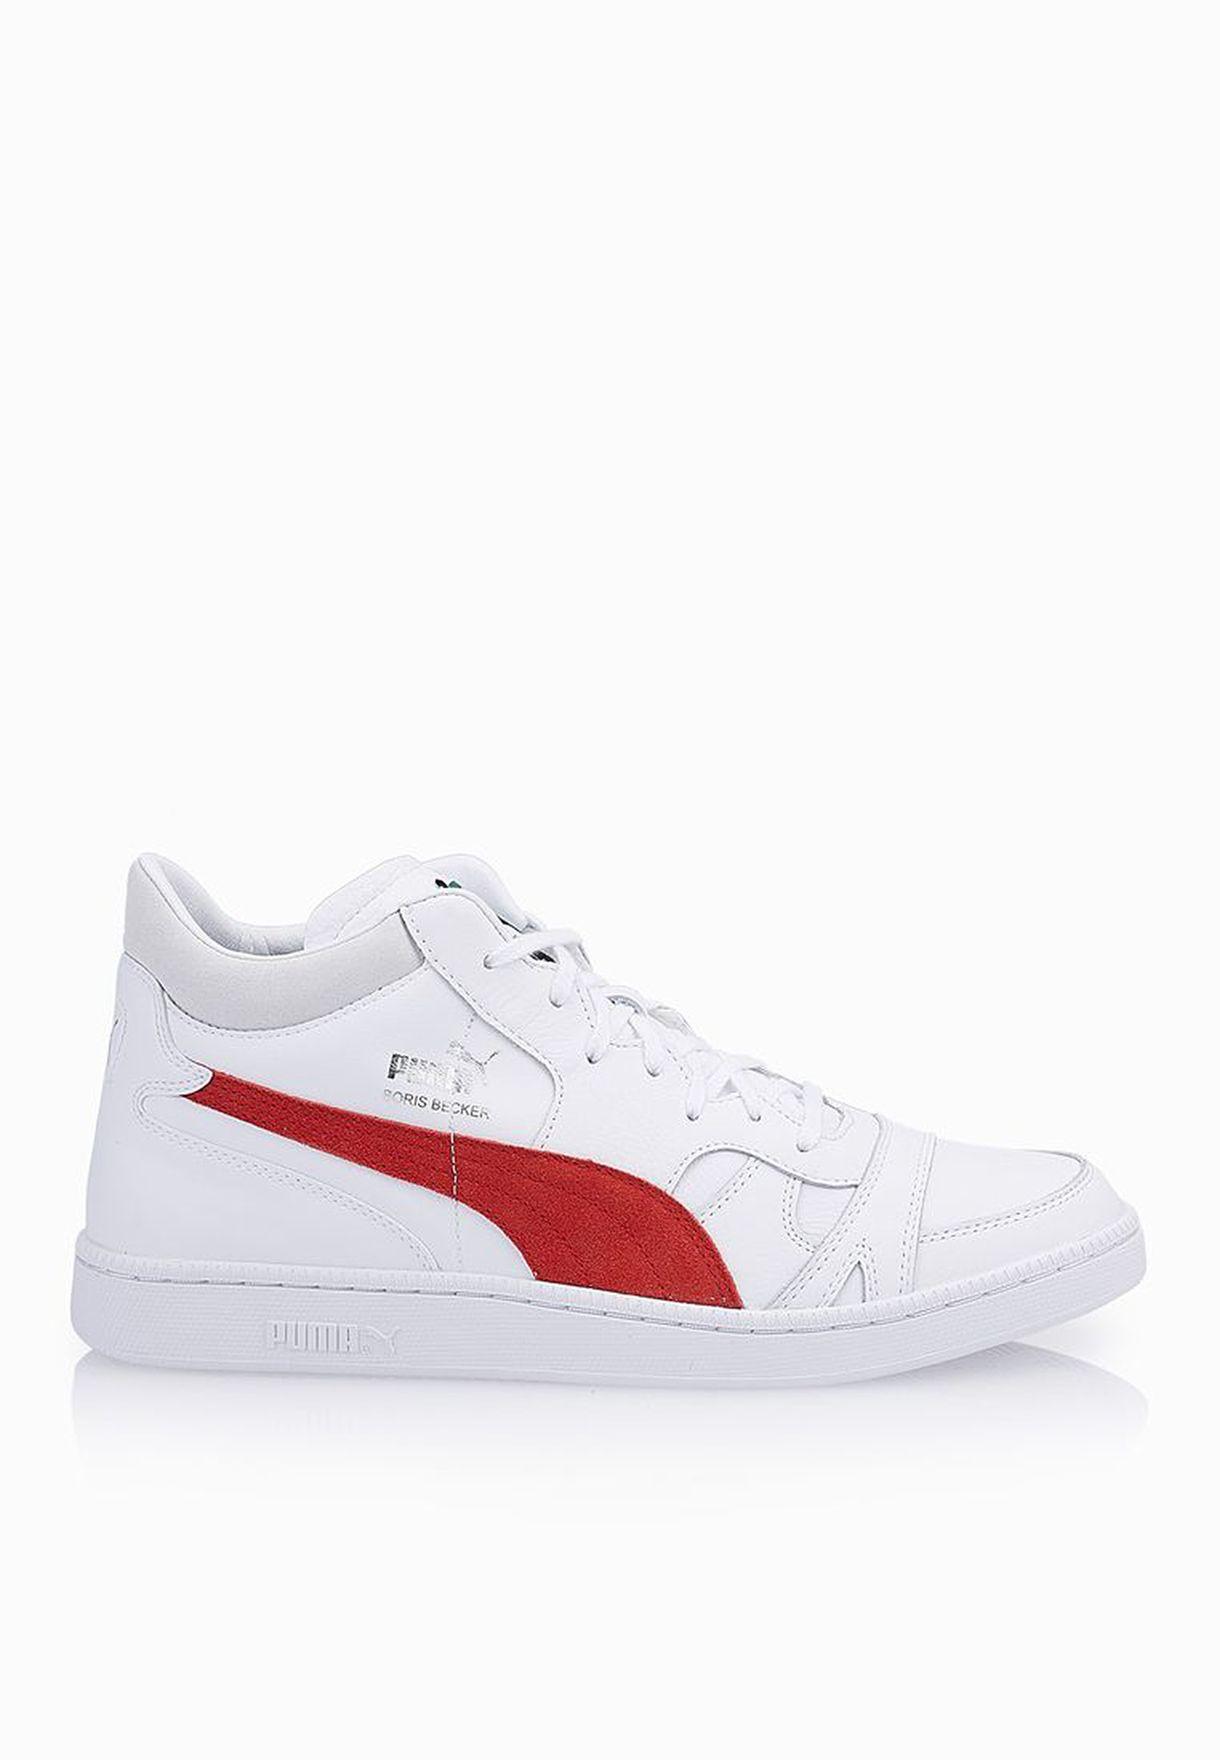 5dca188ae422 Shop PUMA white Becker Mid 35889503 for Men in UAE - PU020SH72JQT